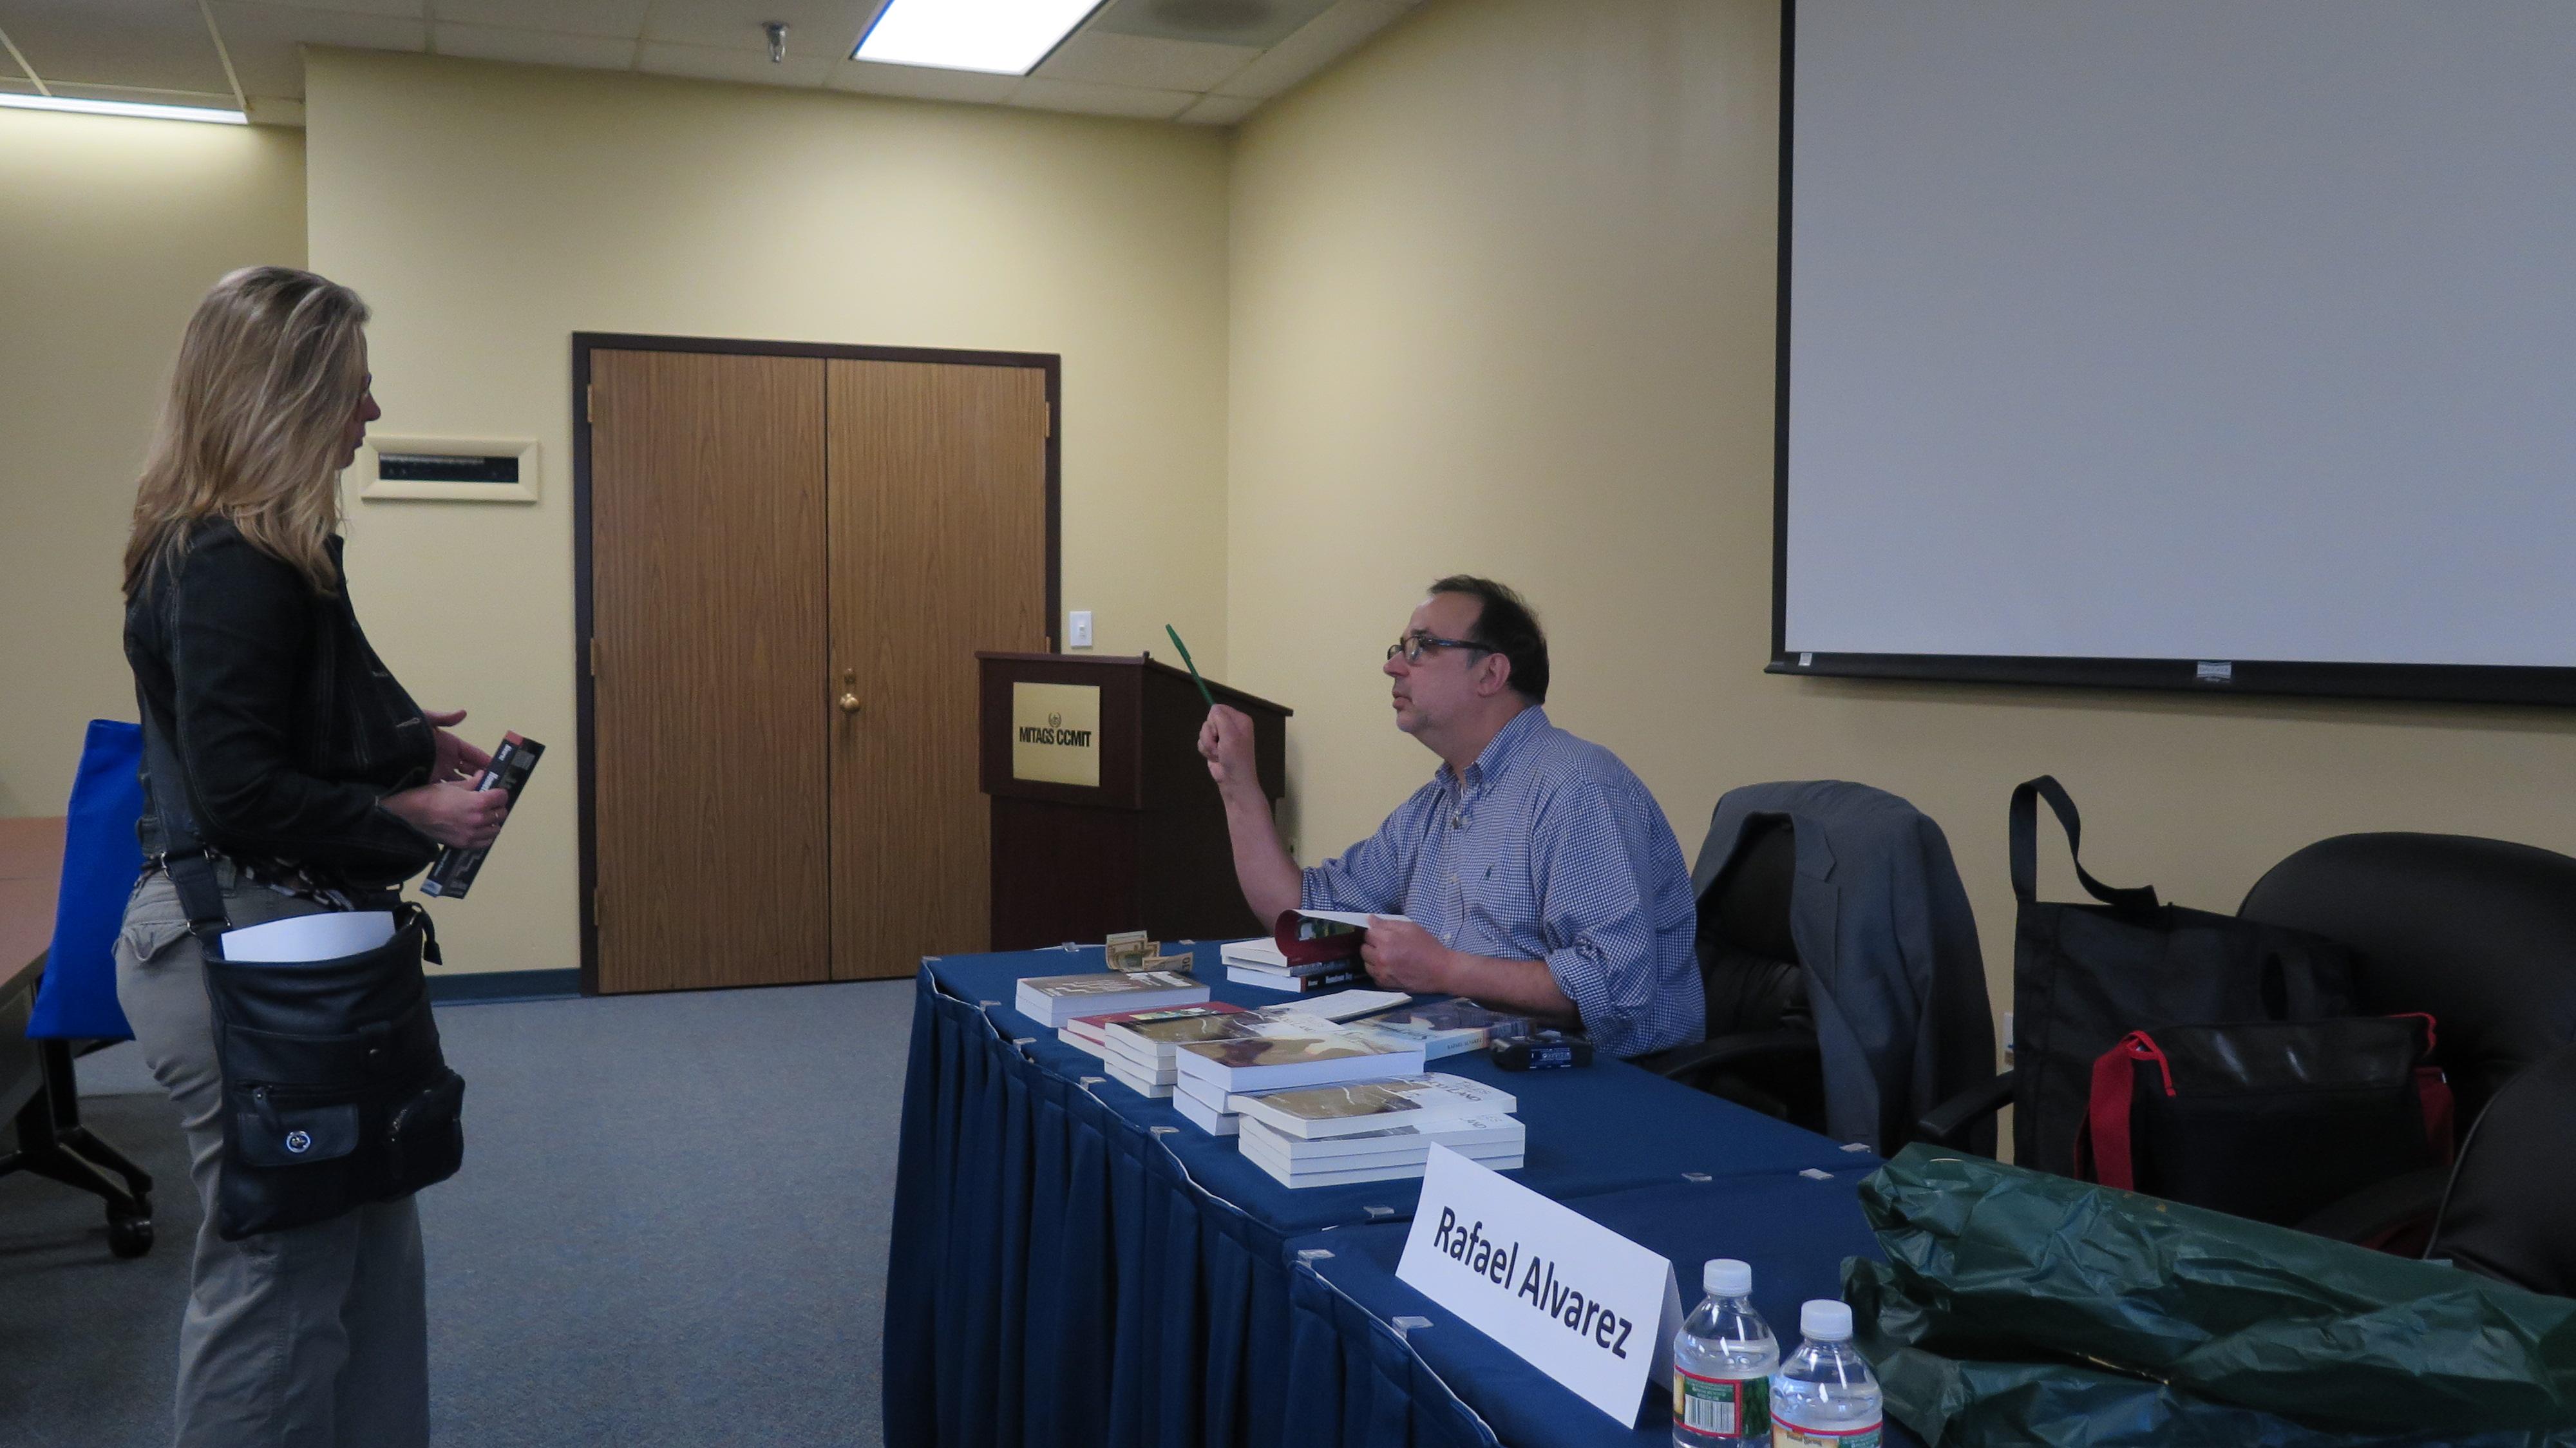 Rafael Alvarez signing books